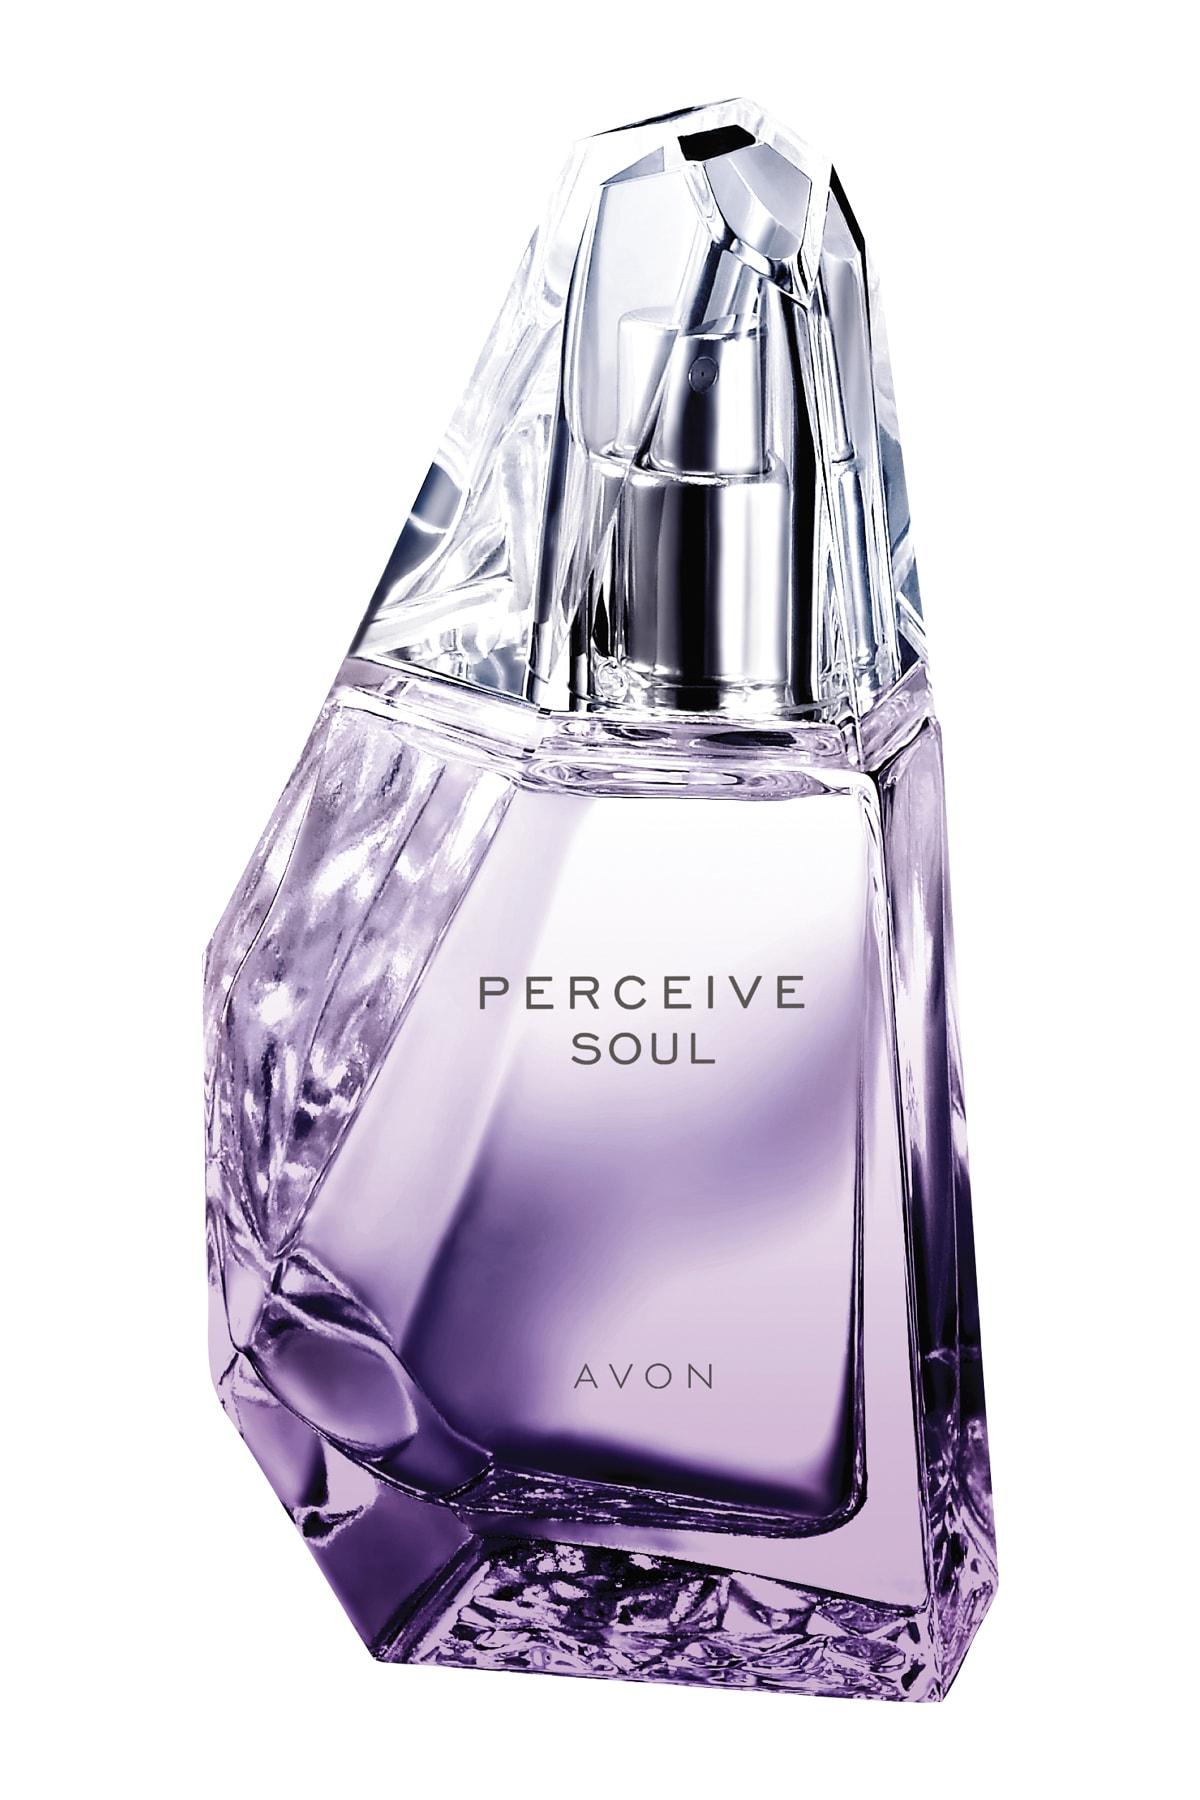 AVON Perceive Soul Edp 50 ml Kadın Parfümü 5050136124298